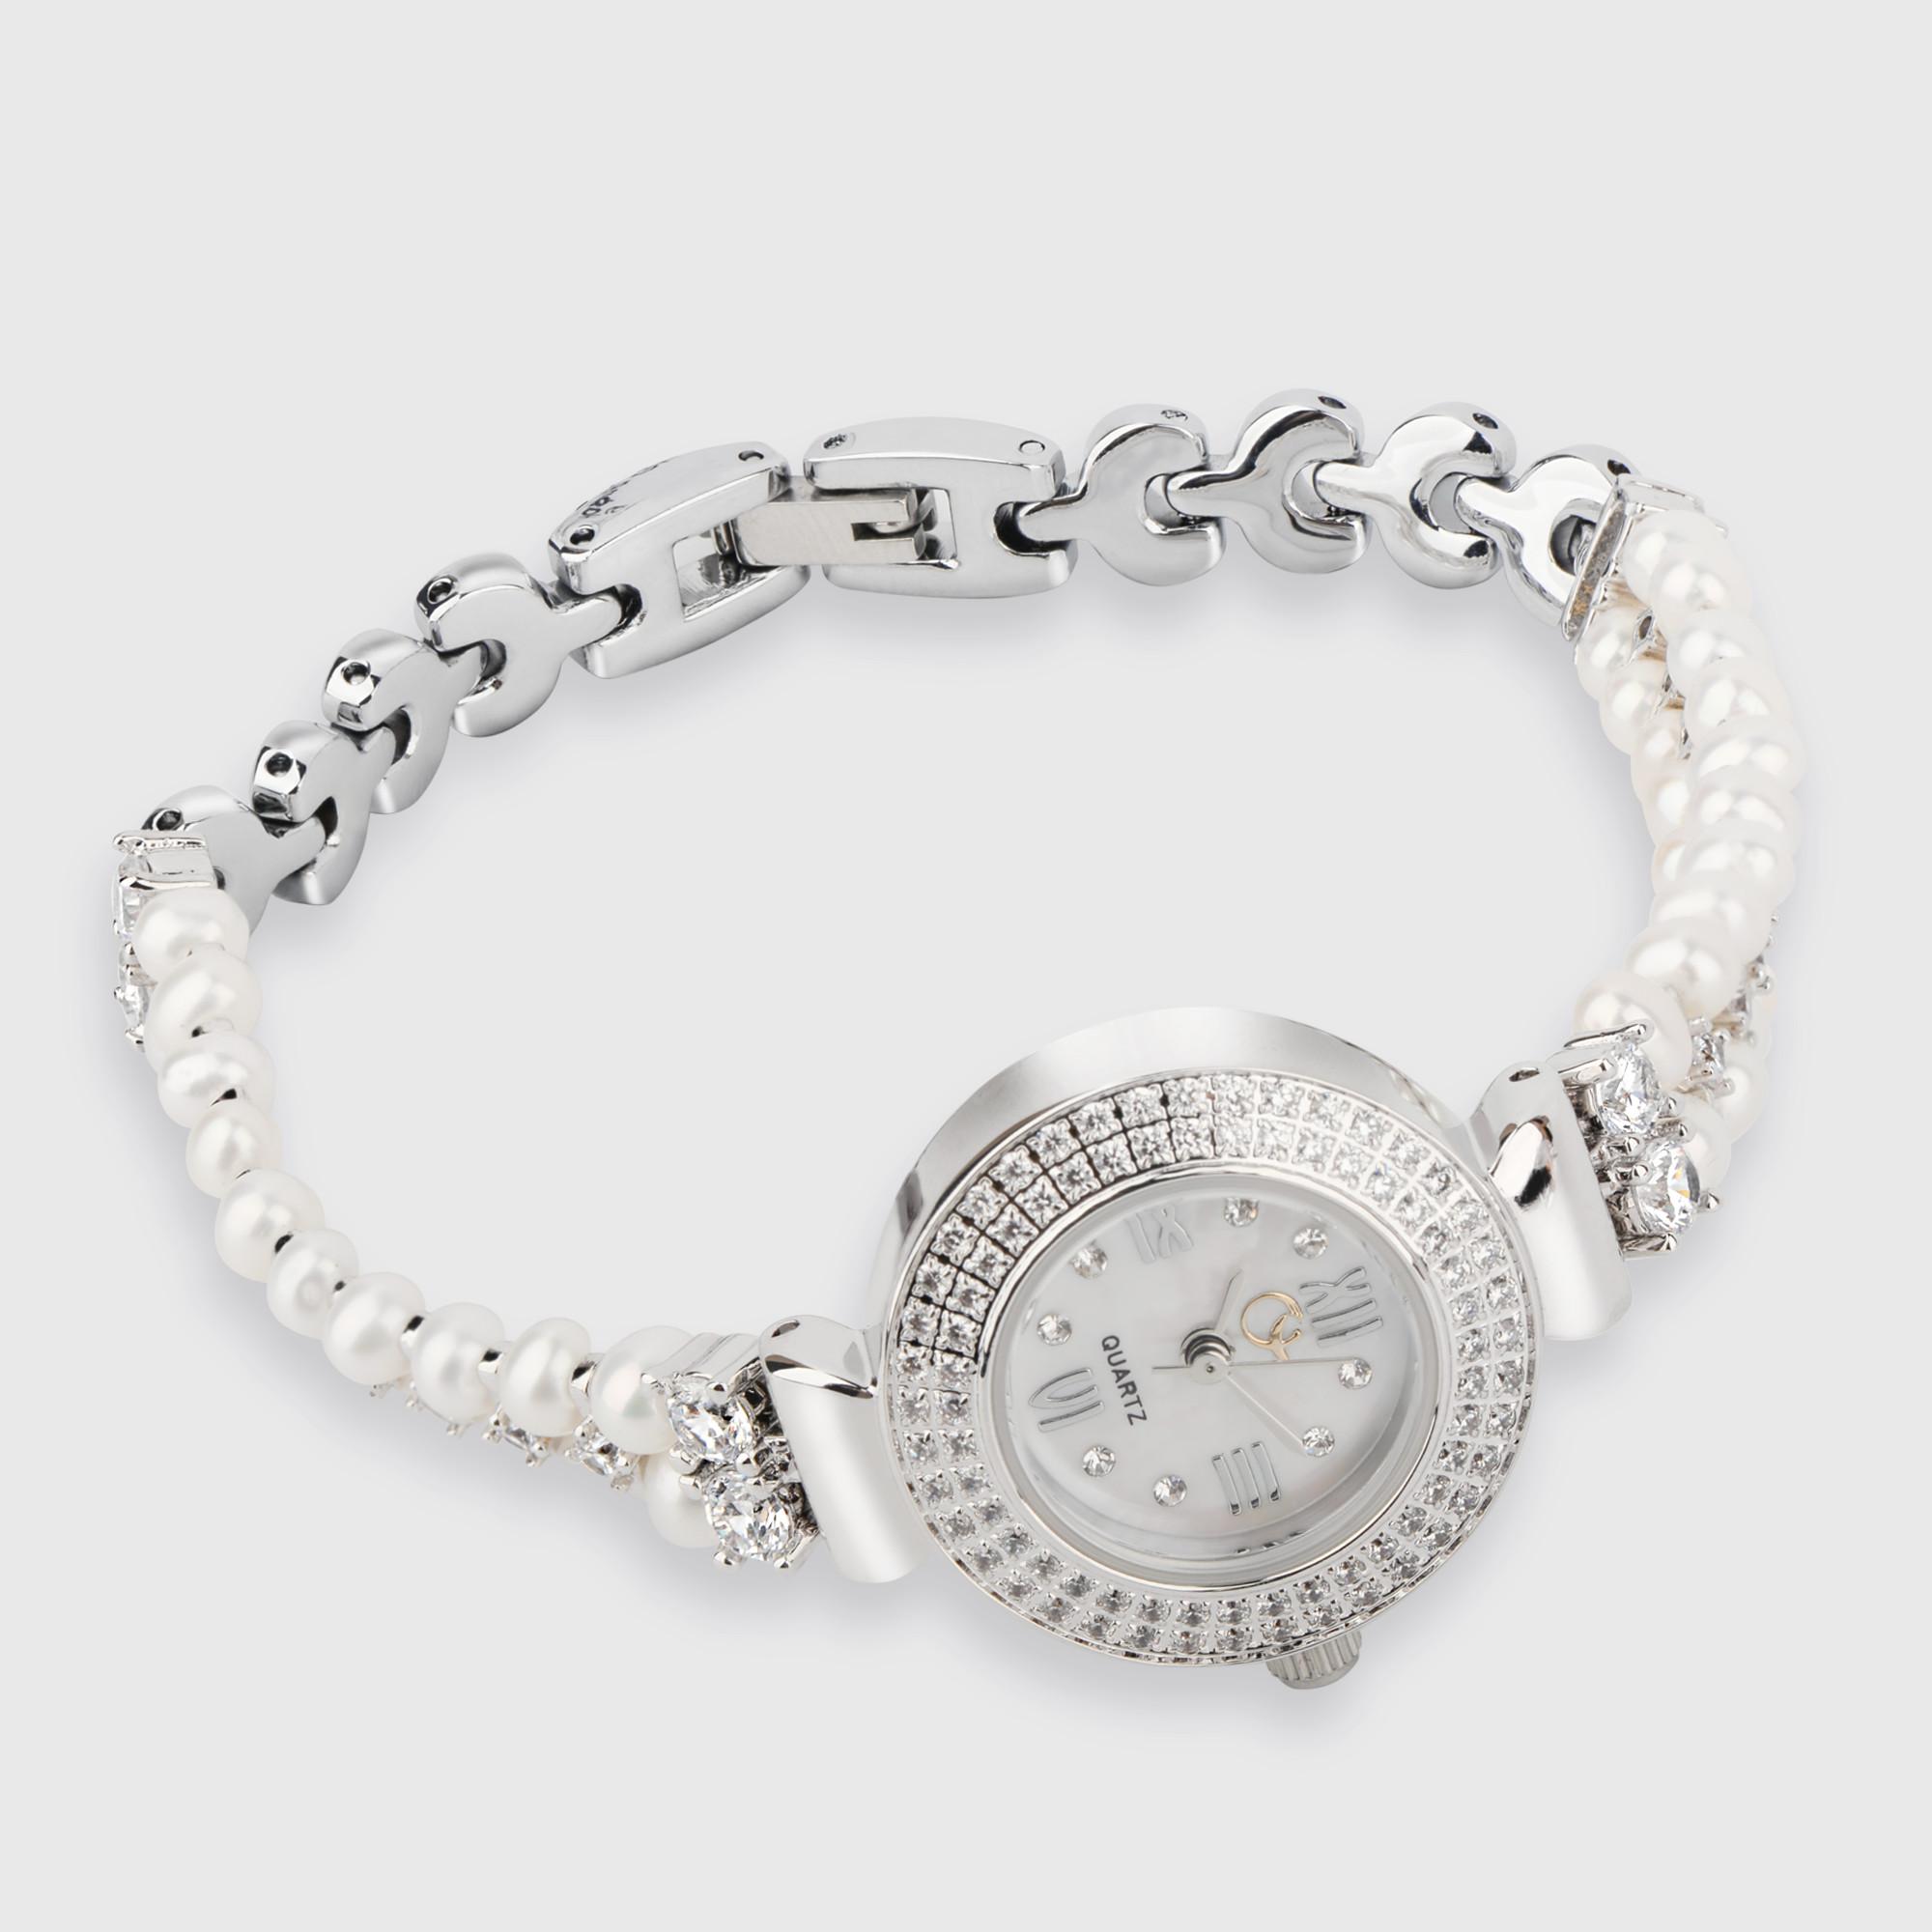 Đồng hồ hợp kim ngọc trai Freshwater 3.5-5mm chất liệu Hợp kim Kiểu dáng đơn giản thanh lịch I1012E0F32W026000Z000